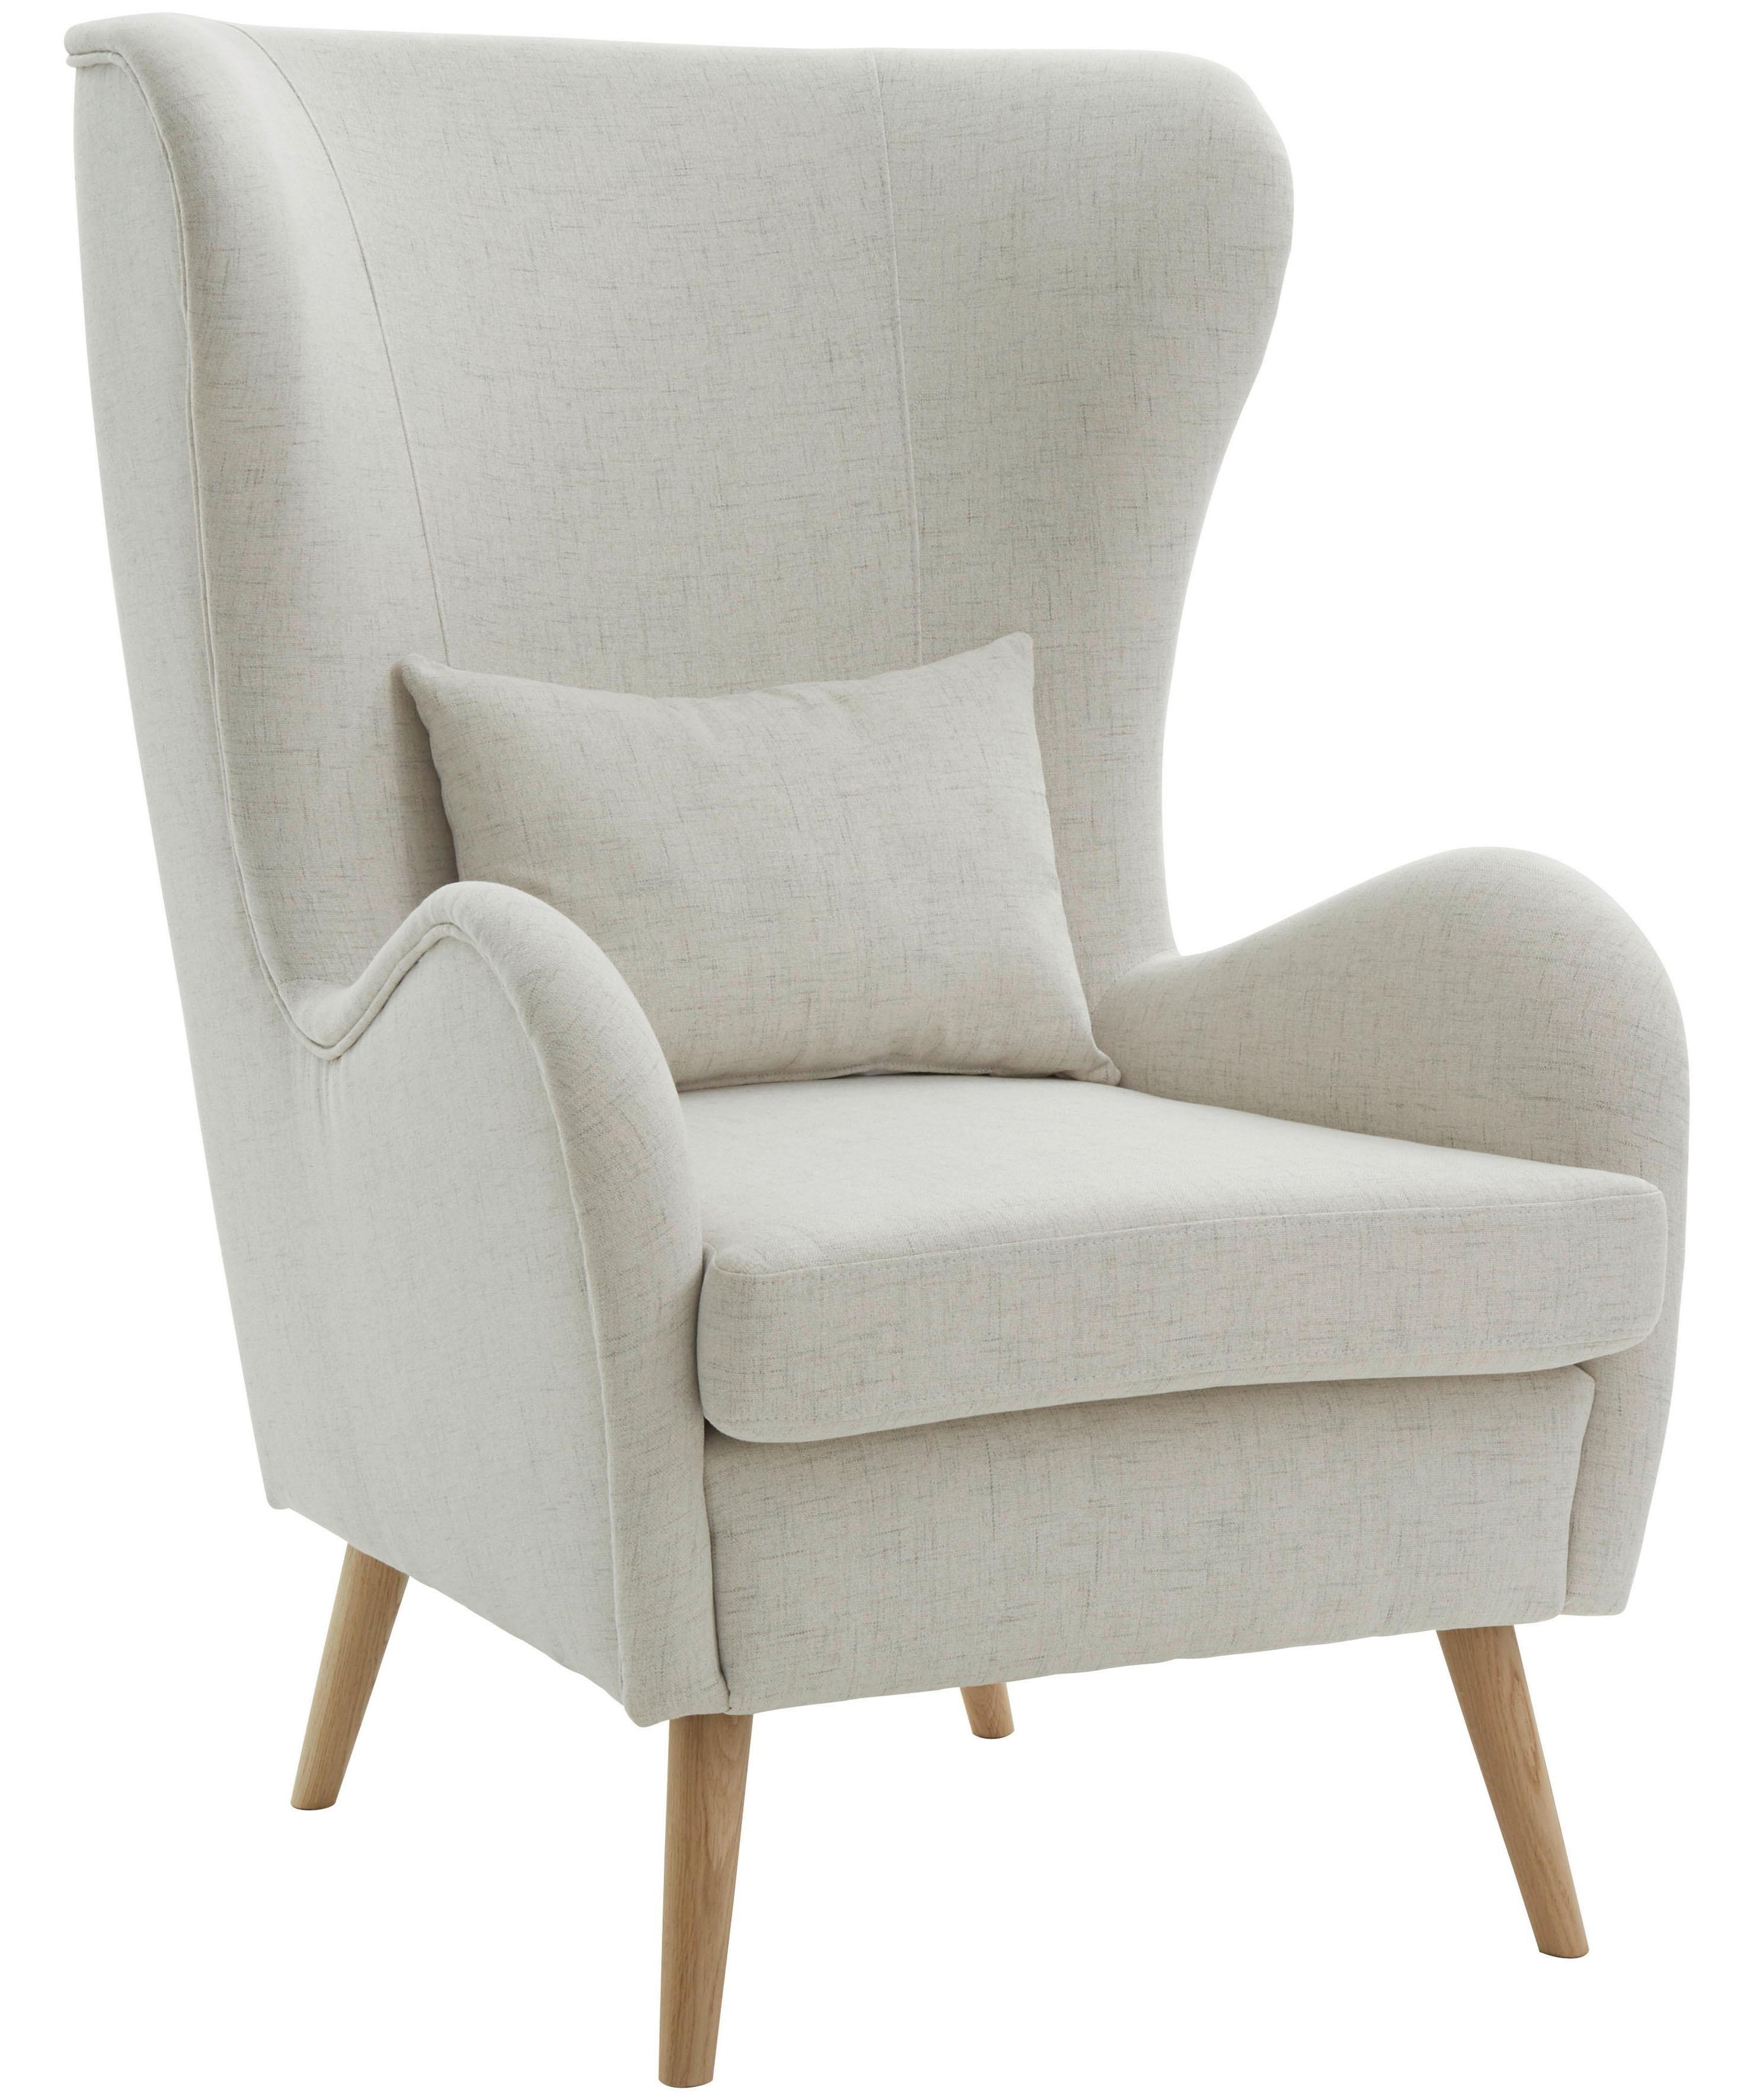 Guido Maria Kretschmer Home&living GMK Home & Living fauteuil «Salla», naar keuze met of zonder hocker nu online kopen bij OTTO